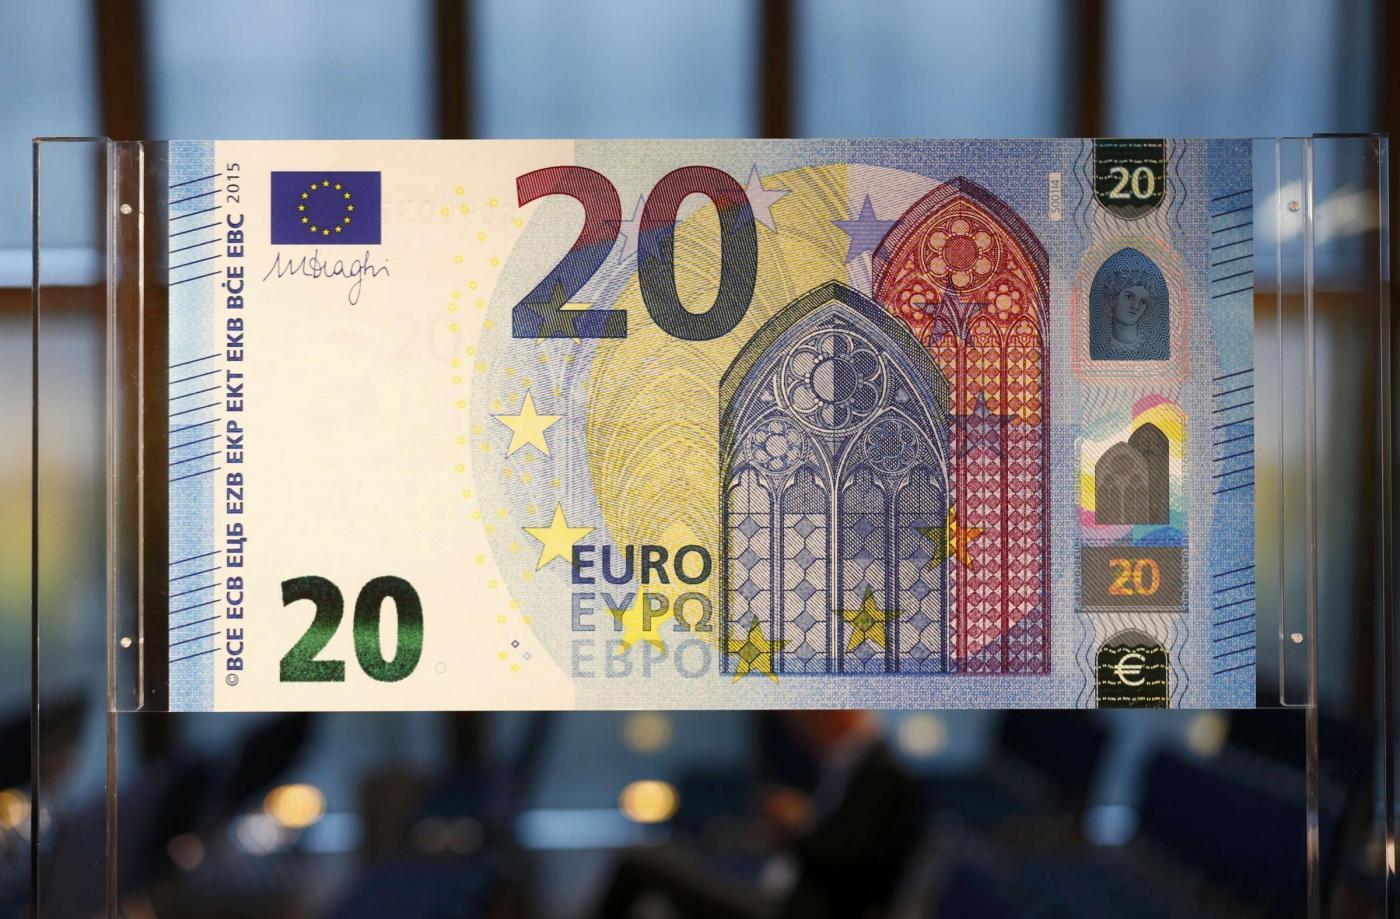 Scopri la nuova banconota da 20 euro